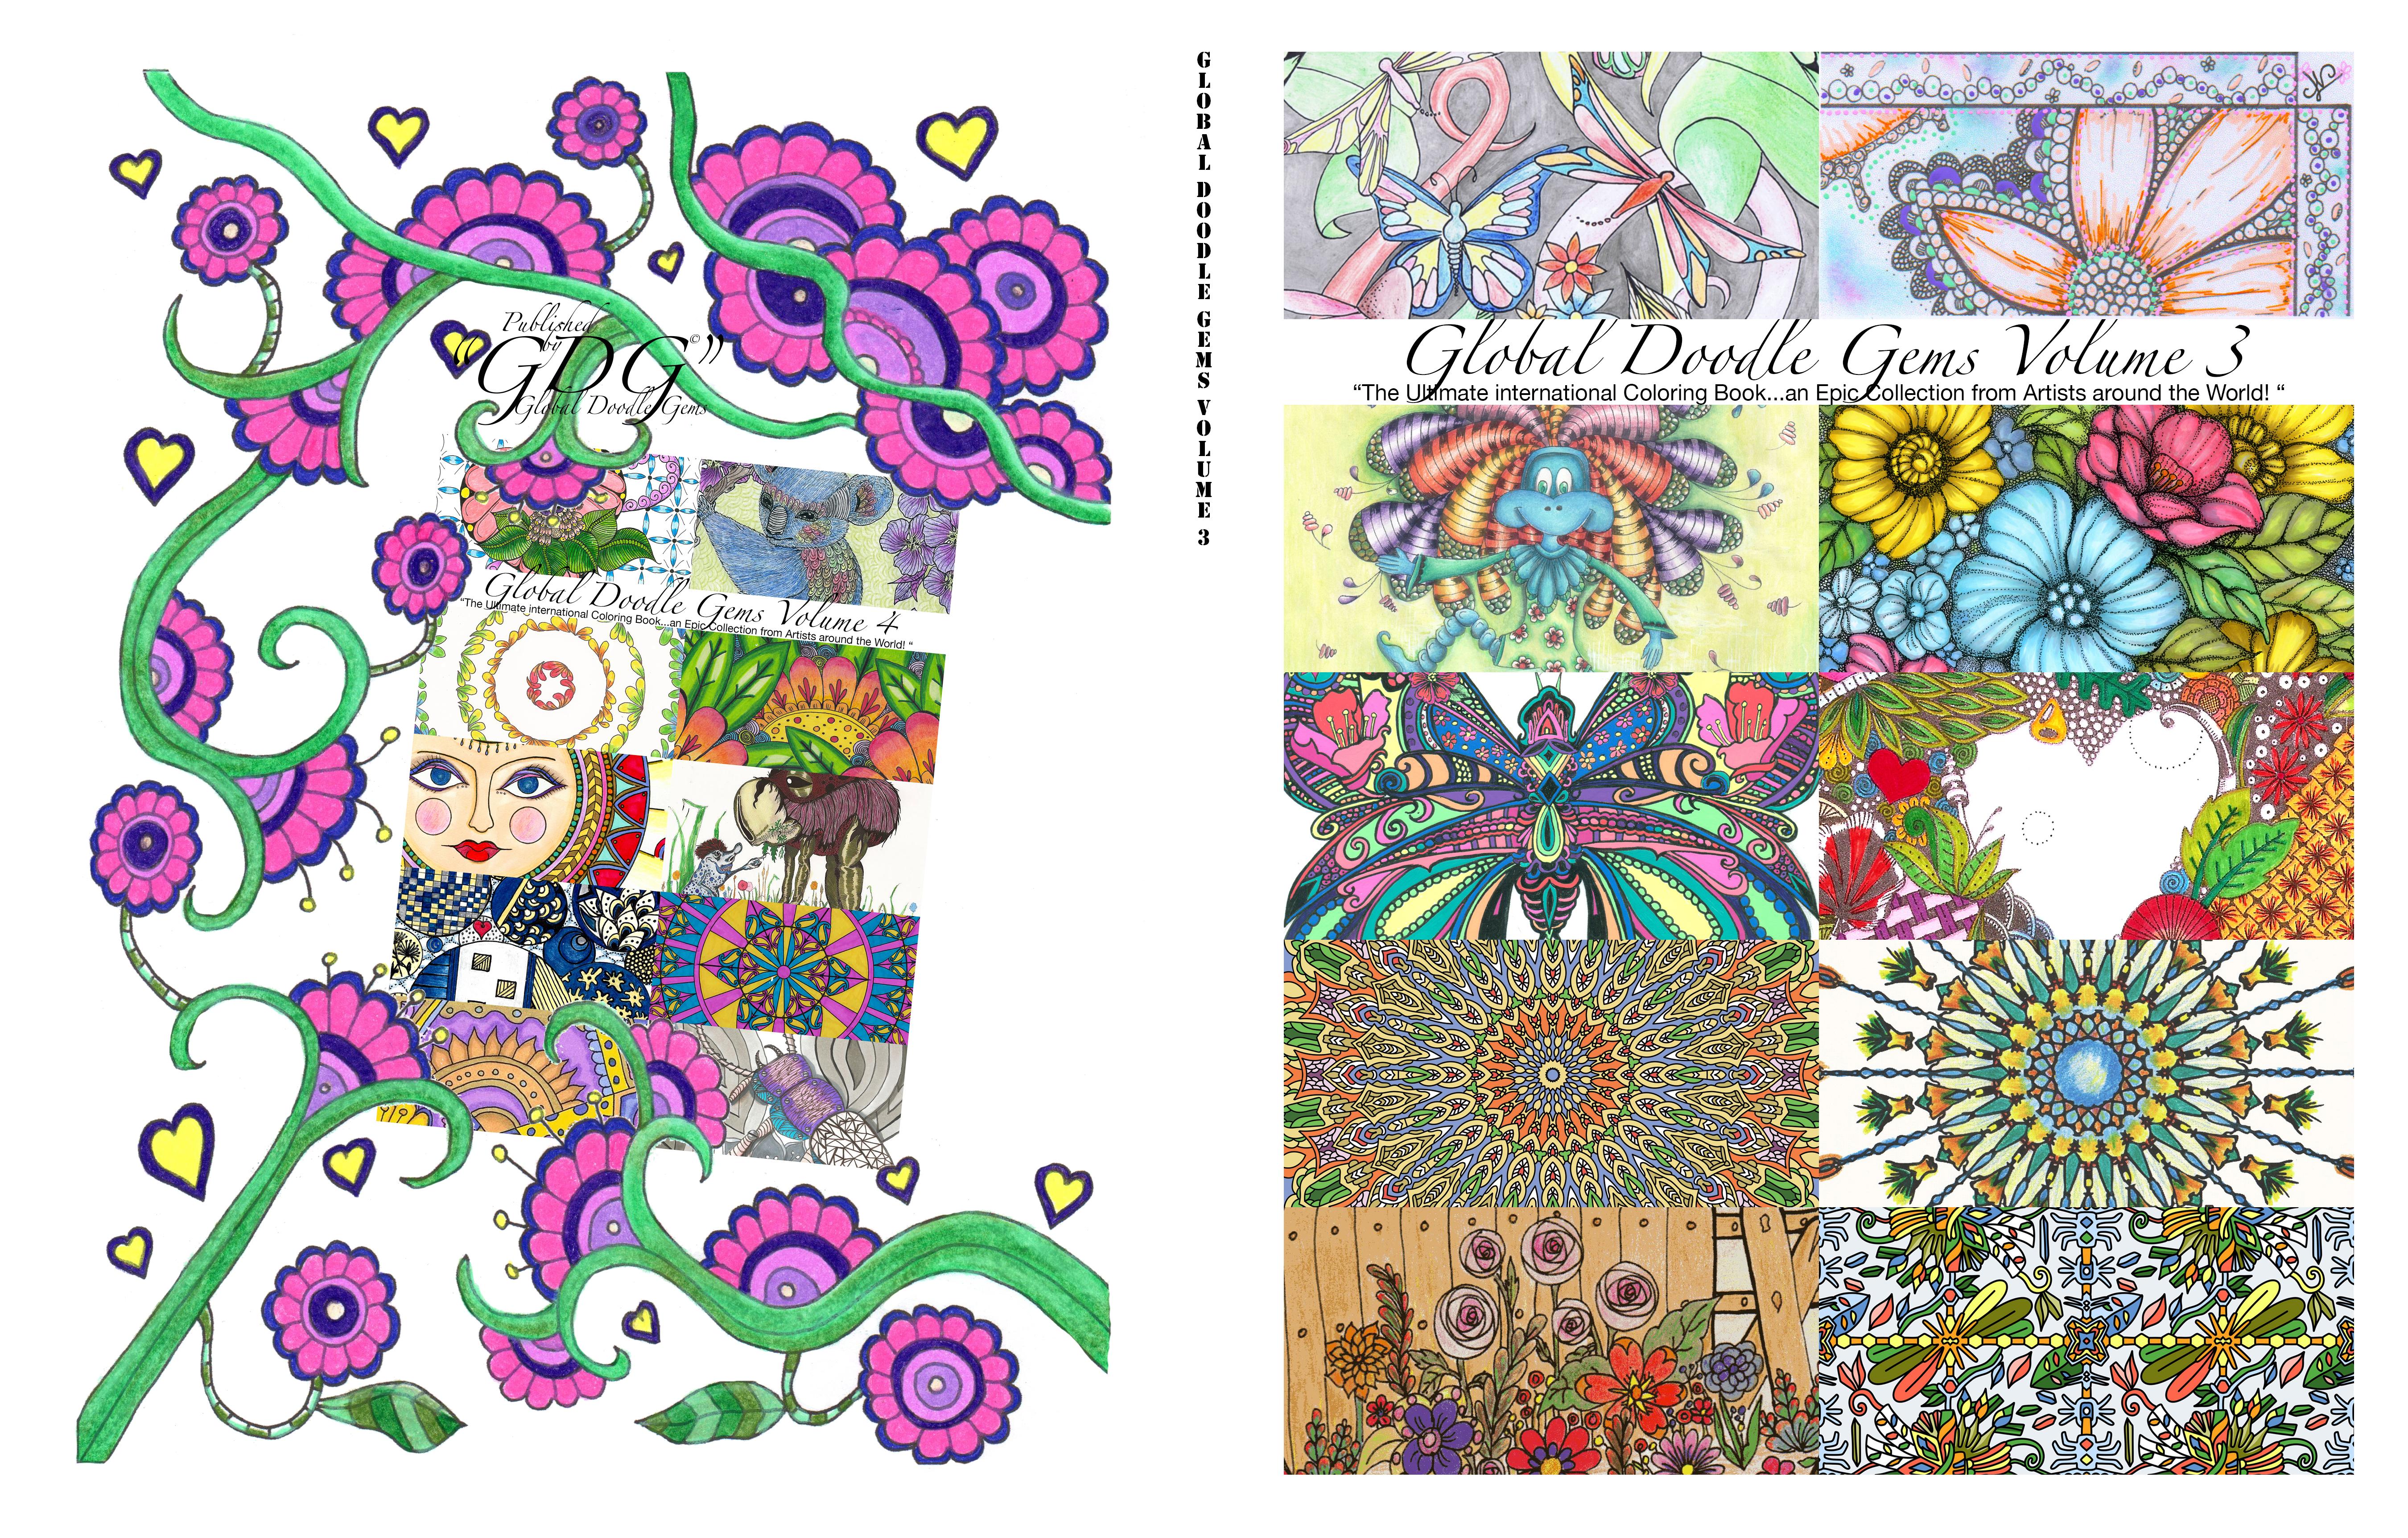 Global Doodle Gems Volume 3